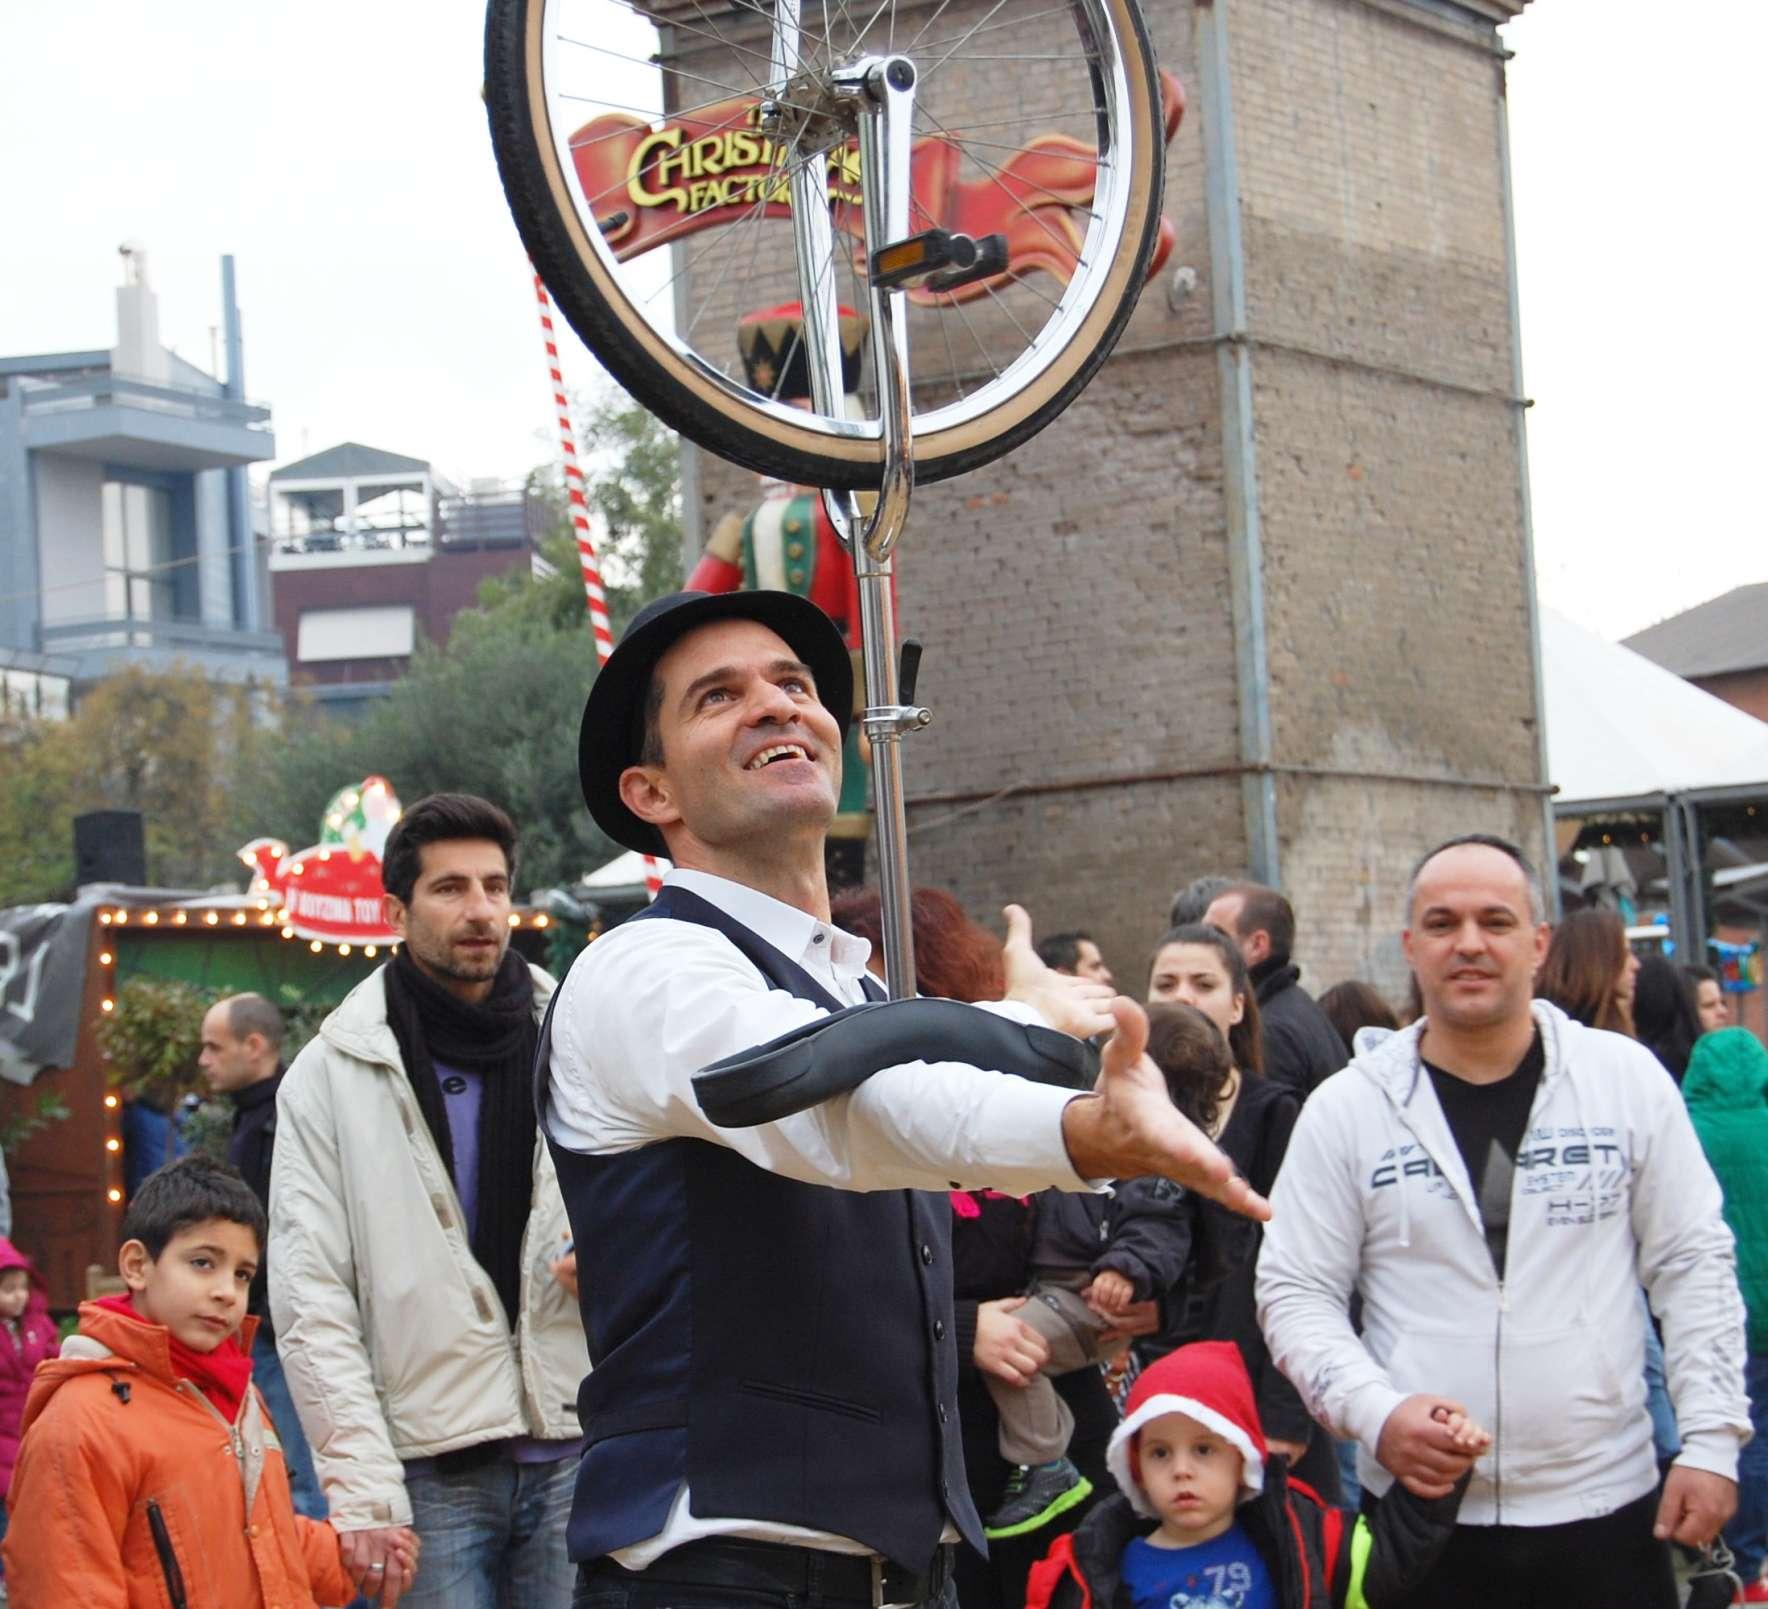 Ζογκλέρ ισορροπεί μονοποδήλατο στο χέρι του μπροστά σε κοινό σε Χριστουγεννιάτικο Χωριό